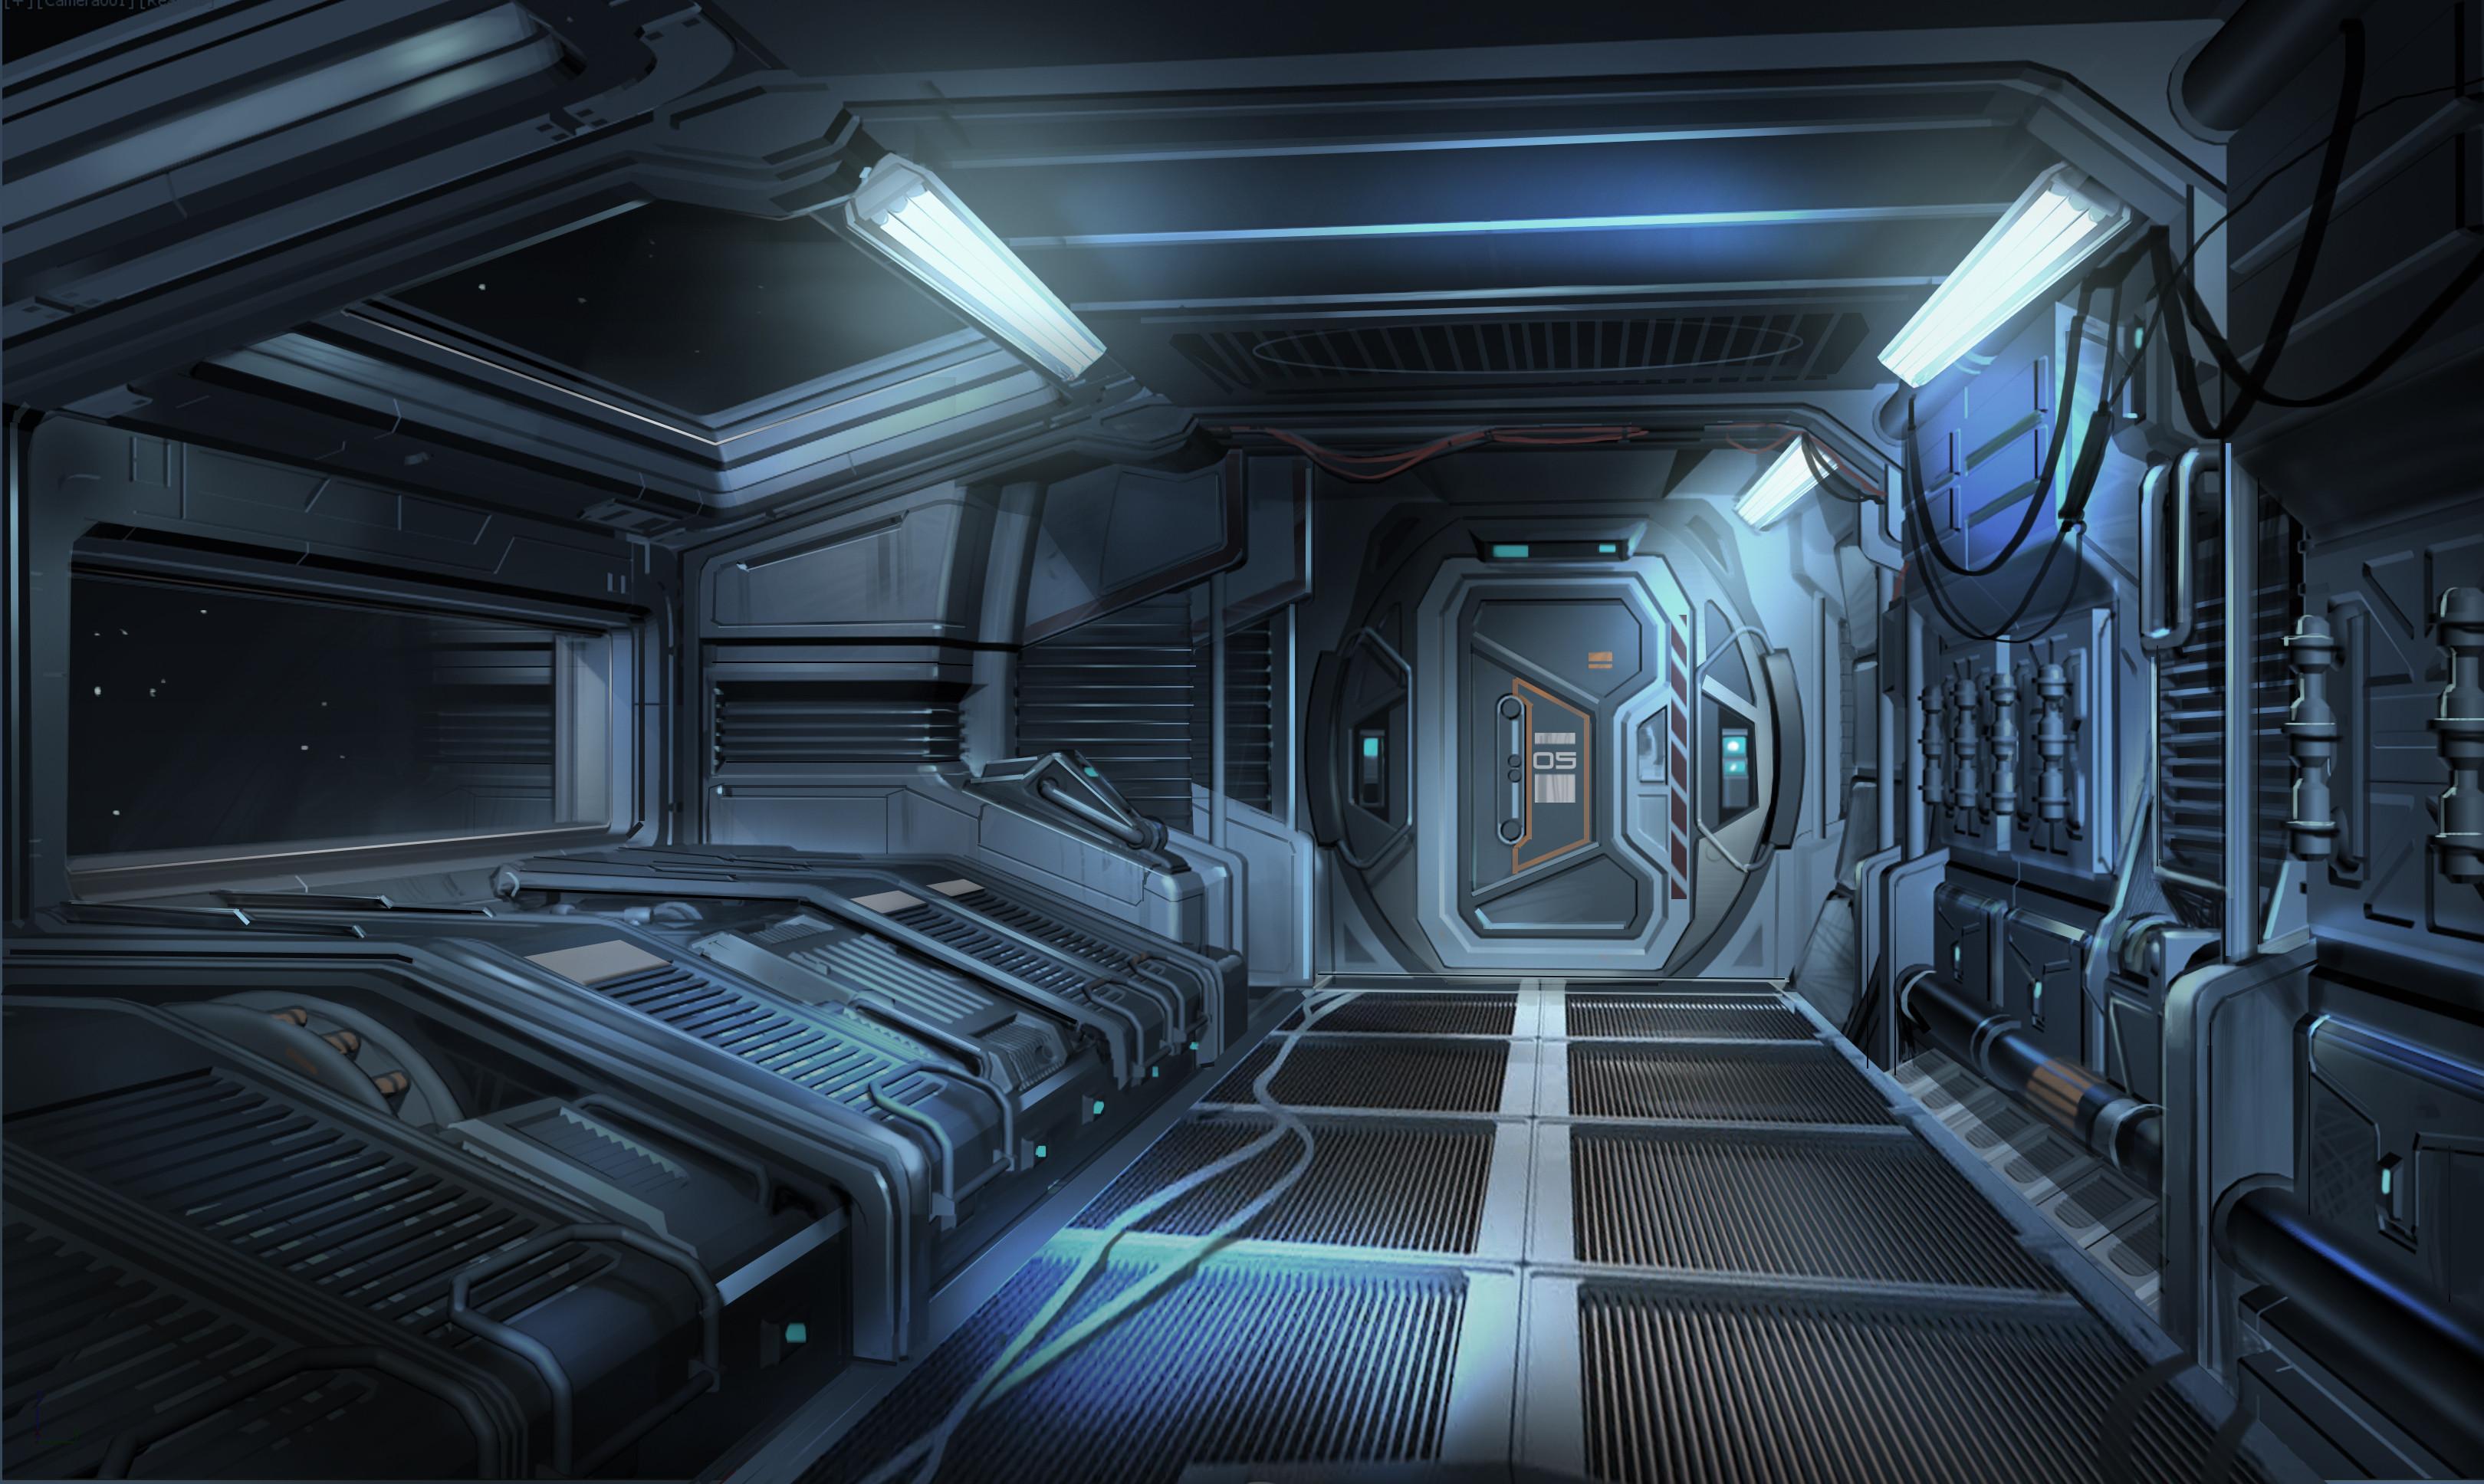 alien inside ship - HD3240×1936